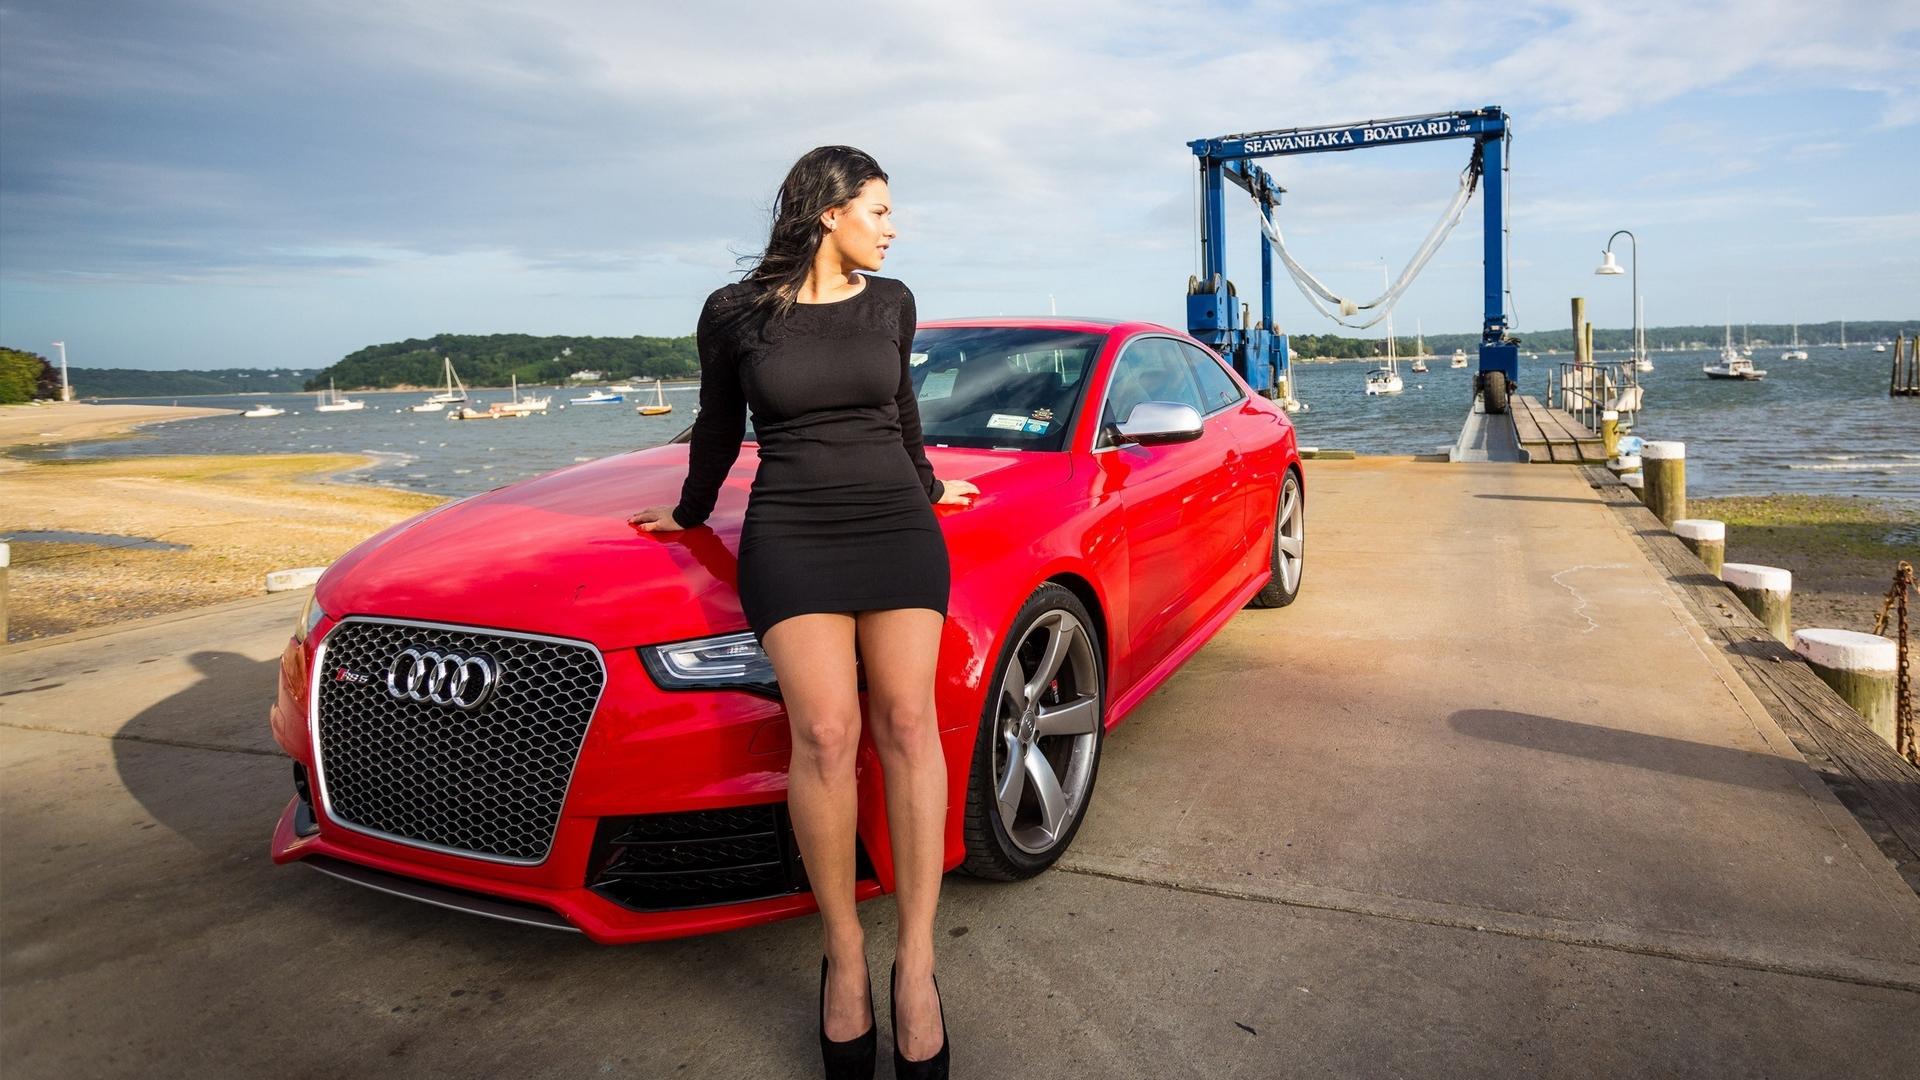 Free Wallpaper Cars And Beautiful Ladies Ferrari Red Audi Girl Posing Hd Wallpaper